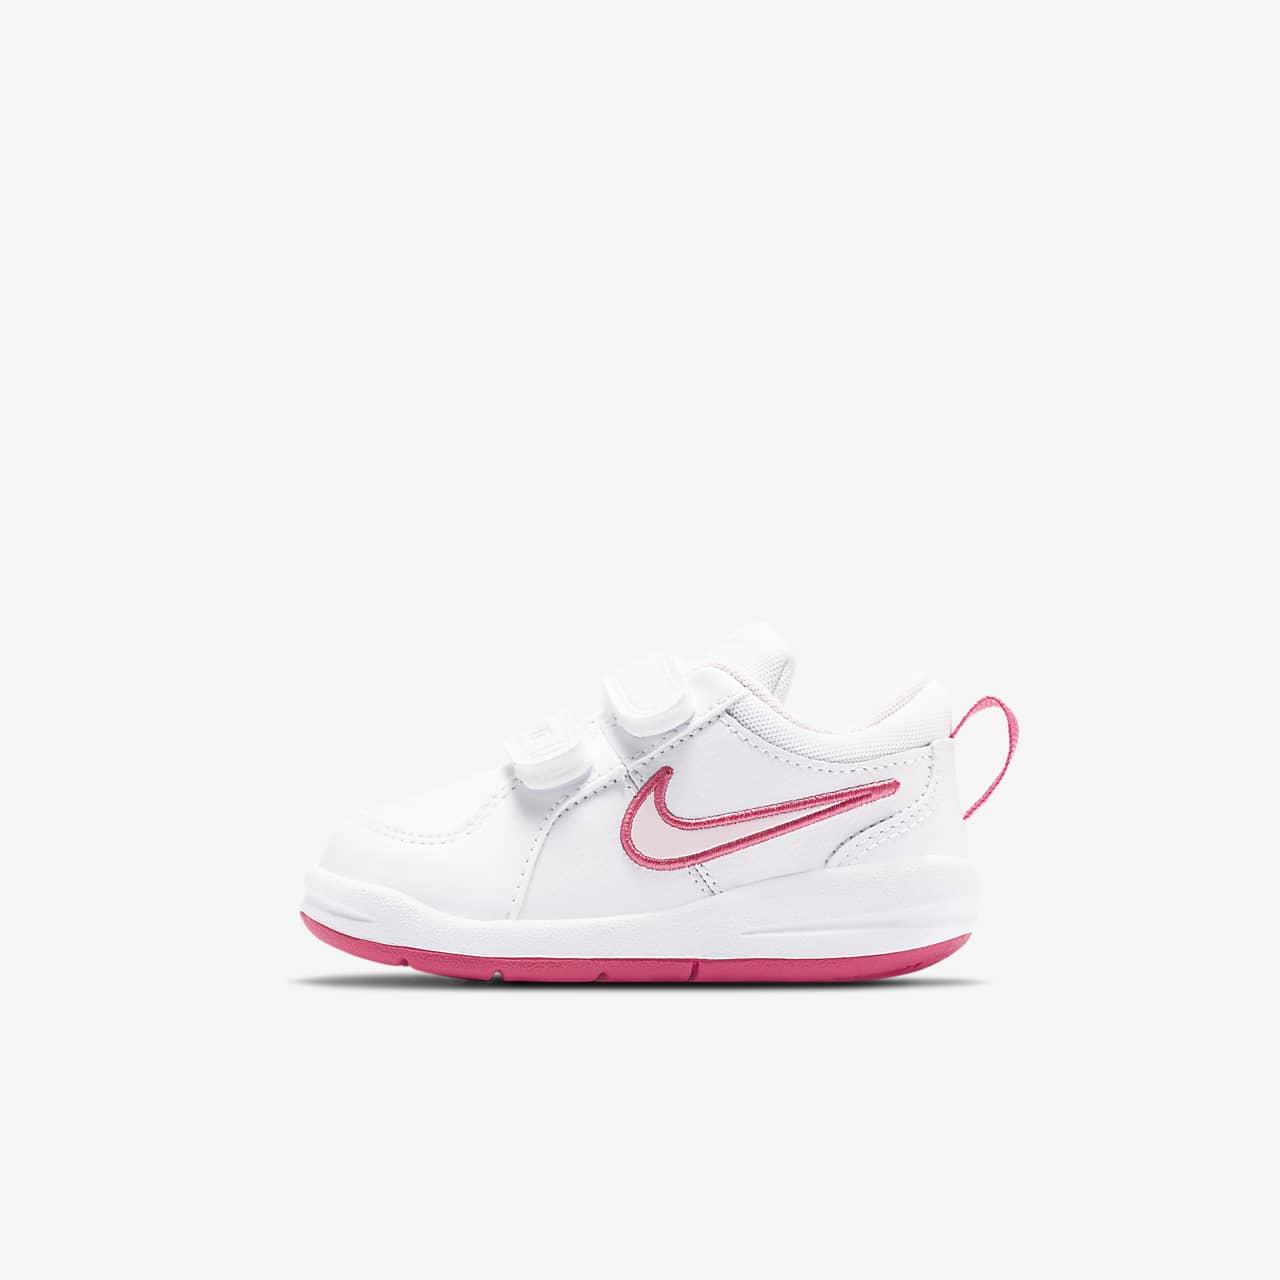 d0670ff5dc2 Calzado para bebé e infantil niña Nike Pico 4. Nike.com MX